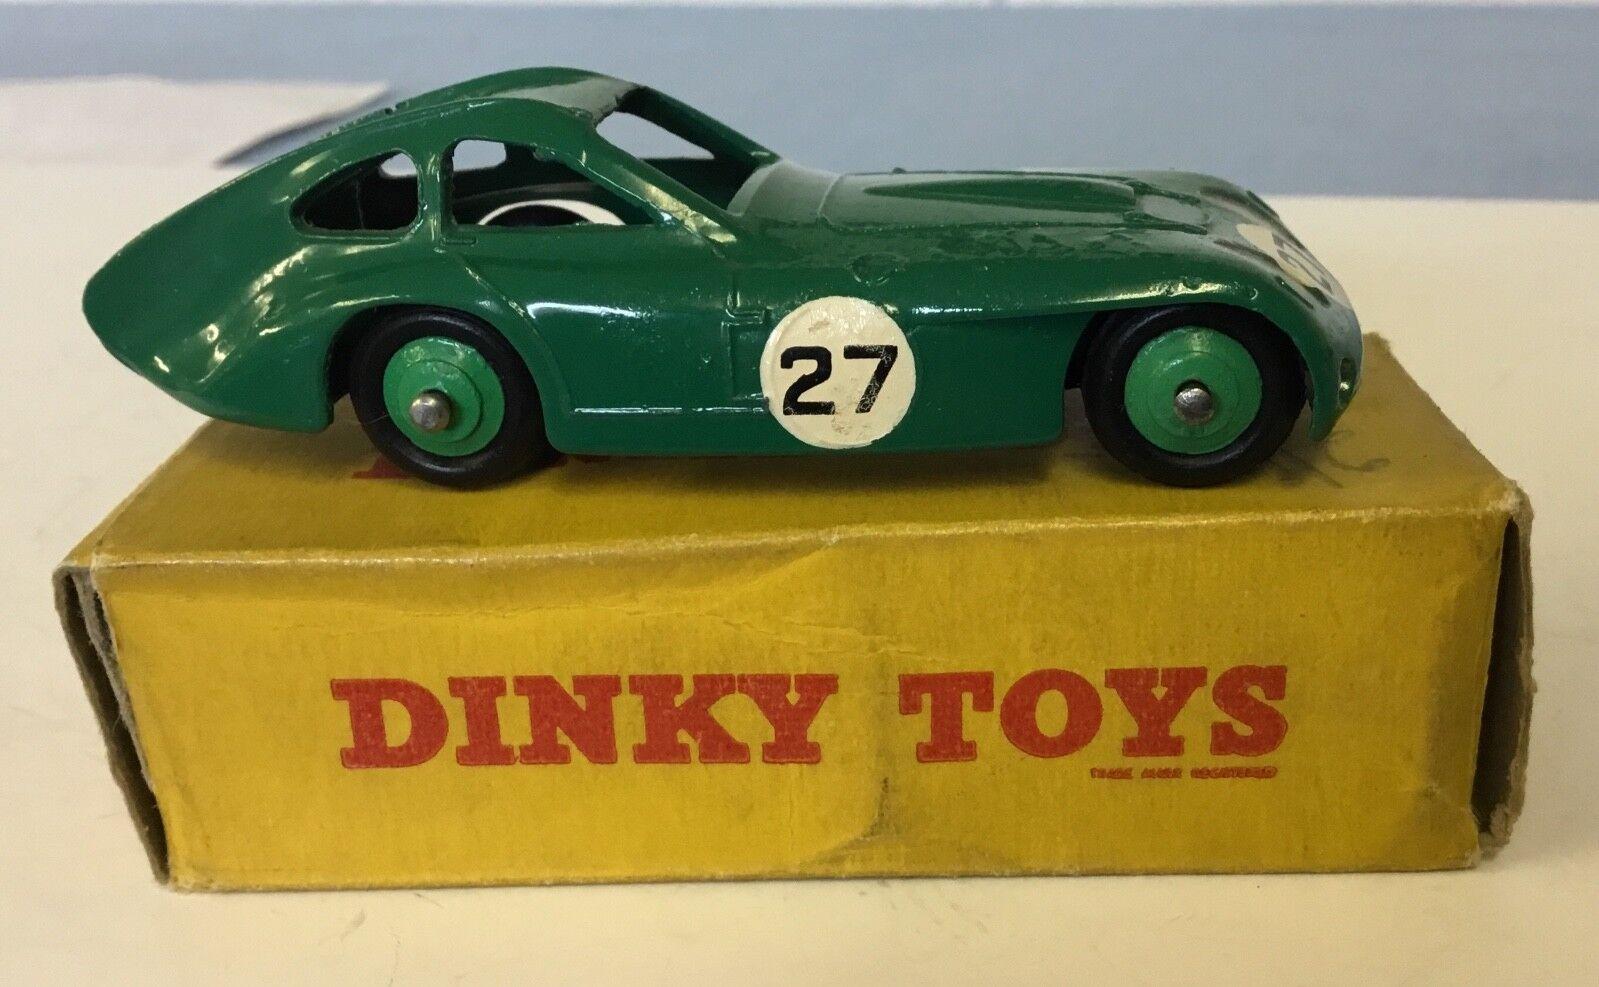 DINKY TOYS 163 Bristol 450 SPORT COUPE. buona in RARE Early  non foto  BOX